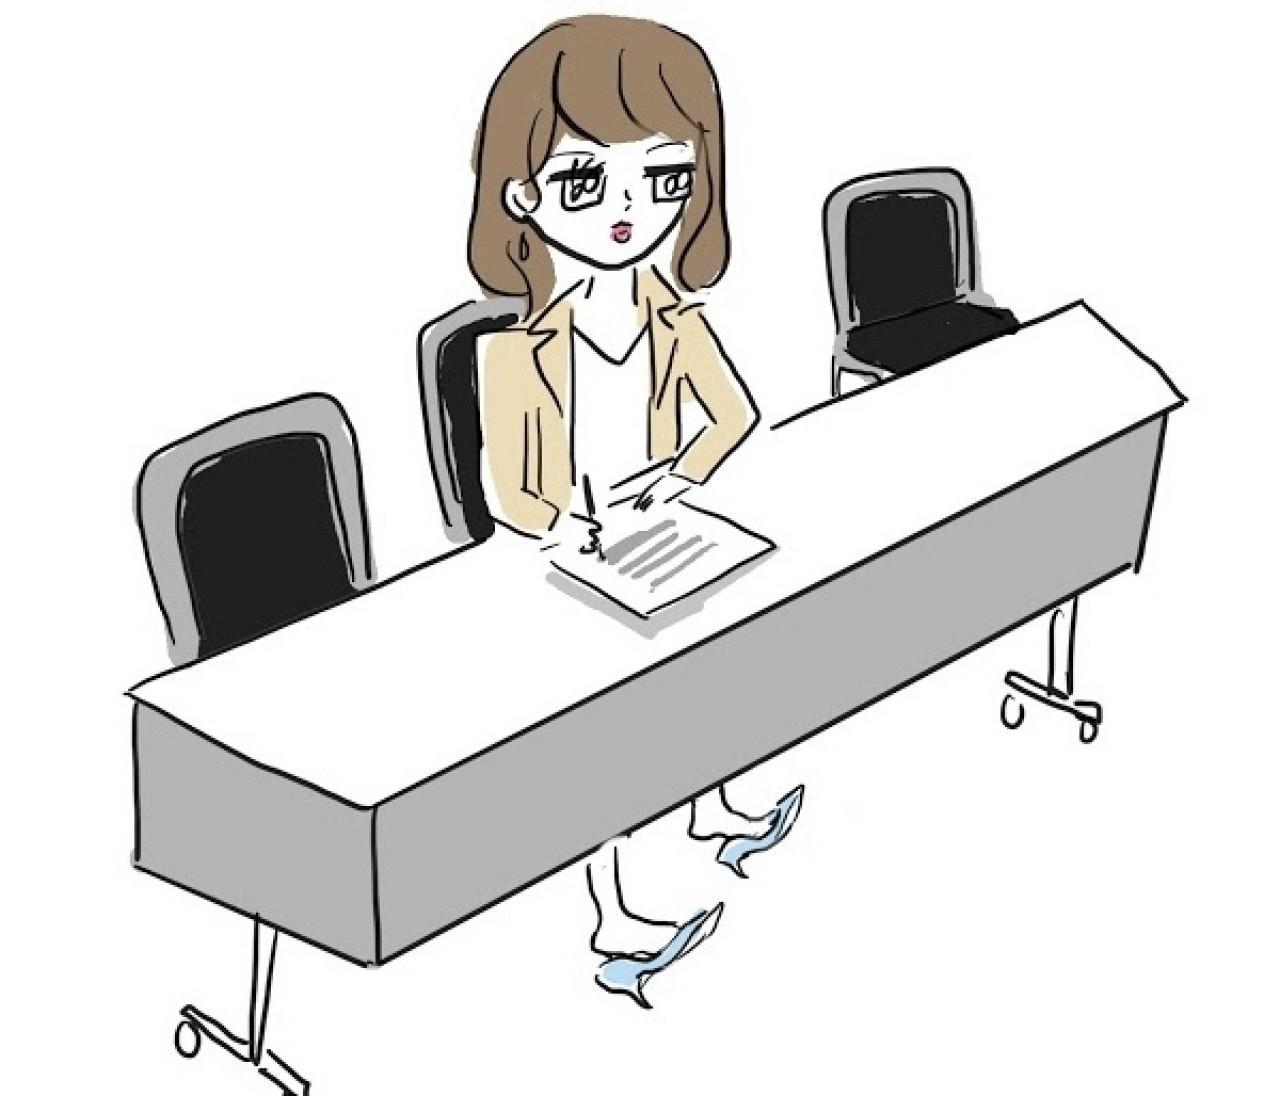 【大人女子のためのマナークイズ vol.2】 ビジネスシーンで出てしまう無意識の言動に注意!